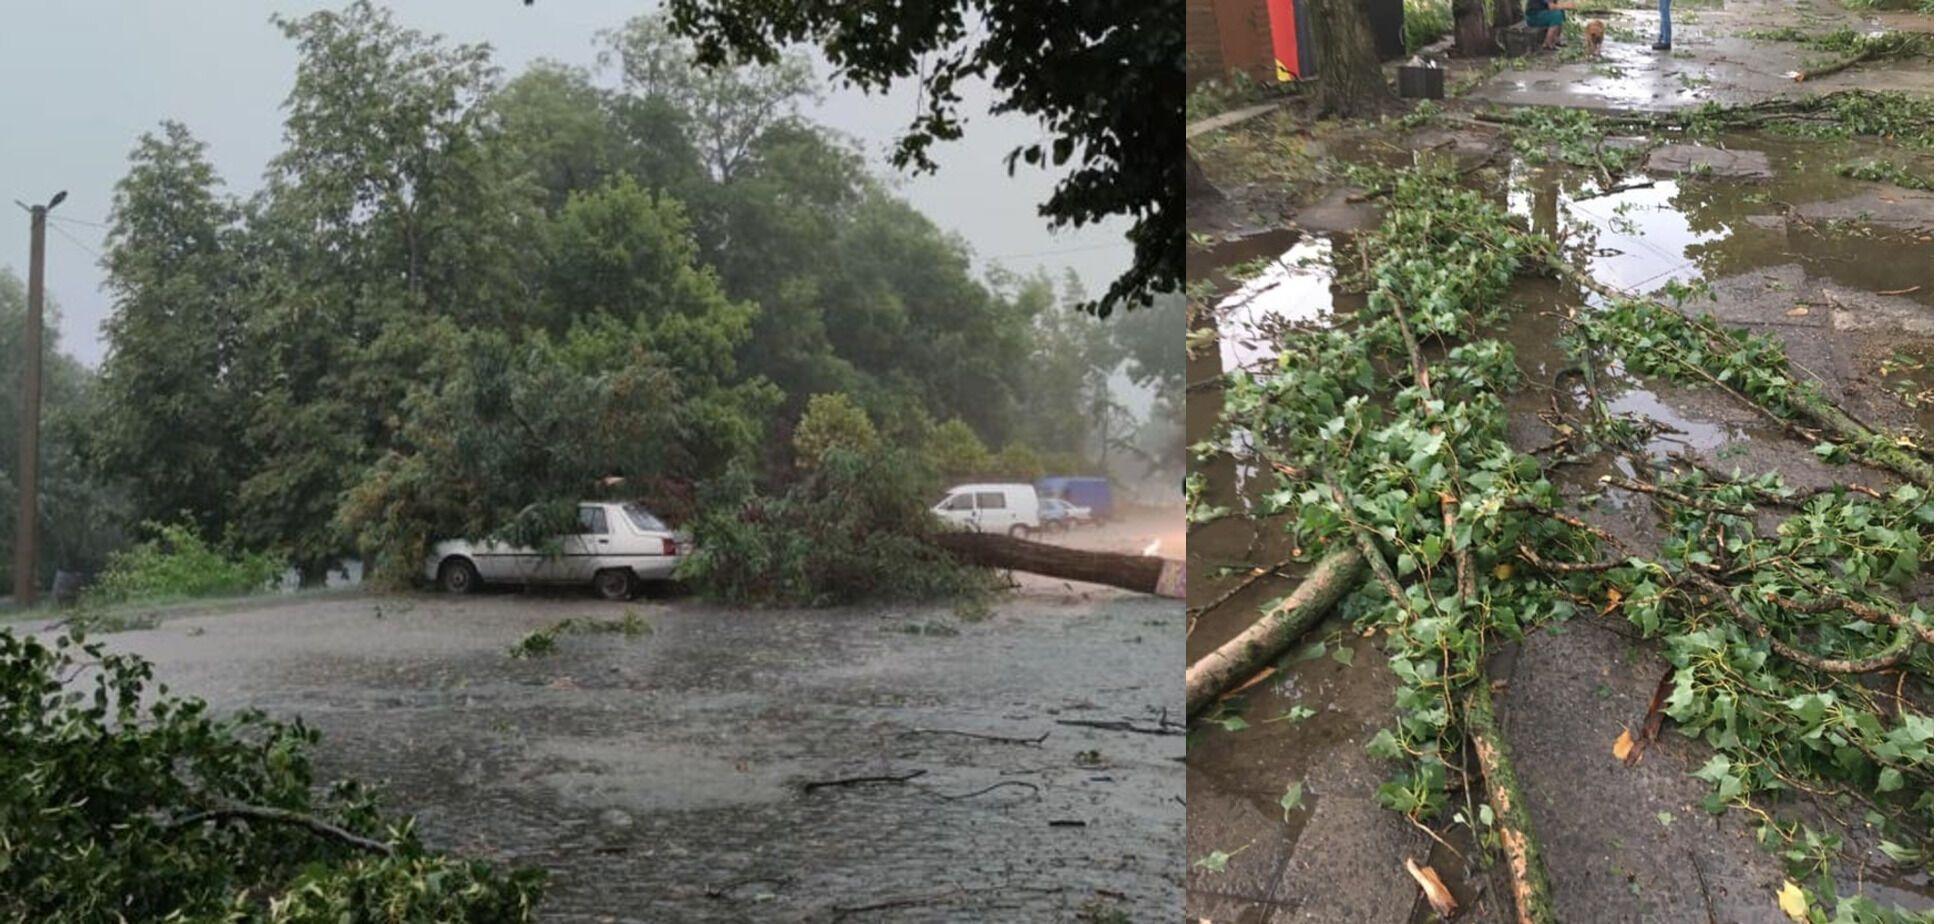 В Ужгороде дерево упало на автомобиль, пострадал водитель